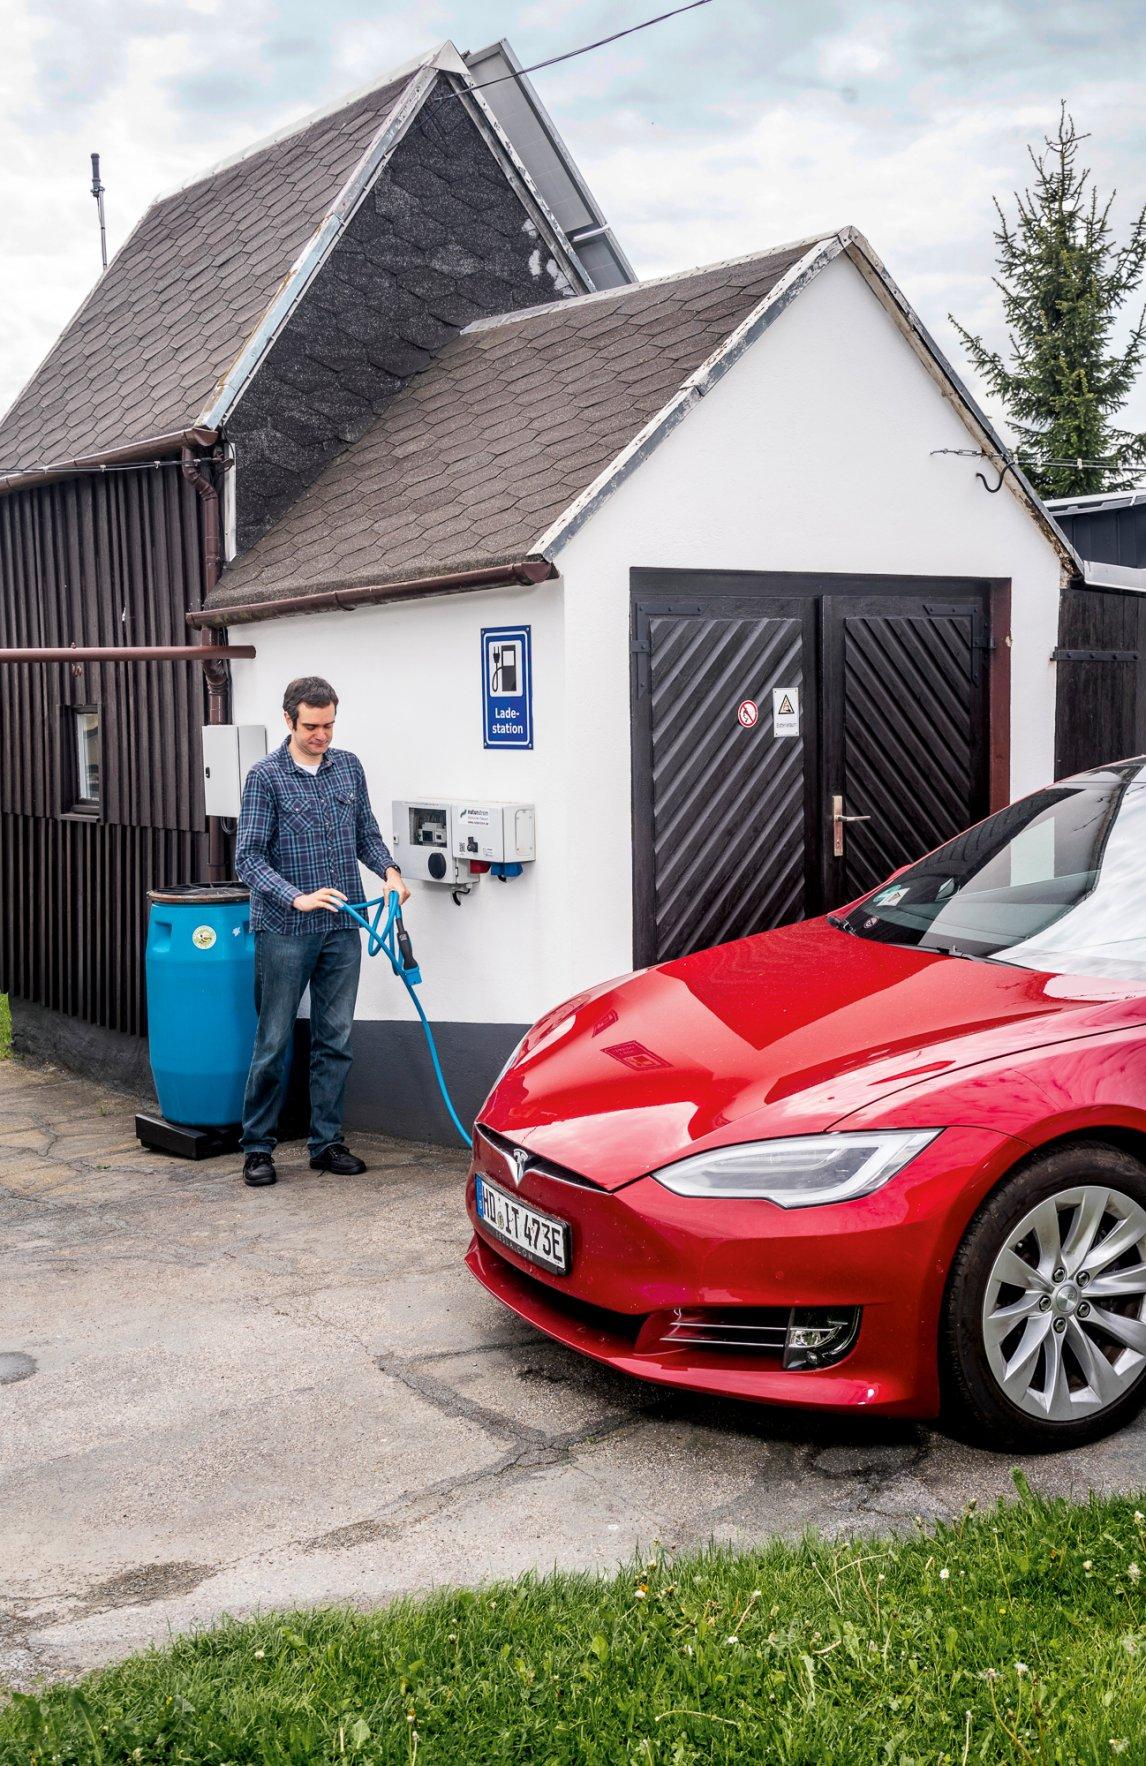 <p>UNTER STROM<br /> Thomas Waltherkämpft vor seinem Hausin Drebach mit dem Kabelsalat. Die Ladestation für seinen Tesla und dieSolaranlagen hat der IT-Berater selbst gebaut</p>